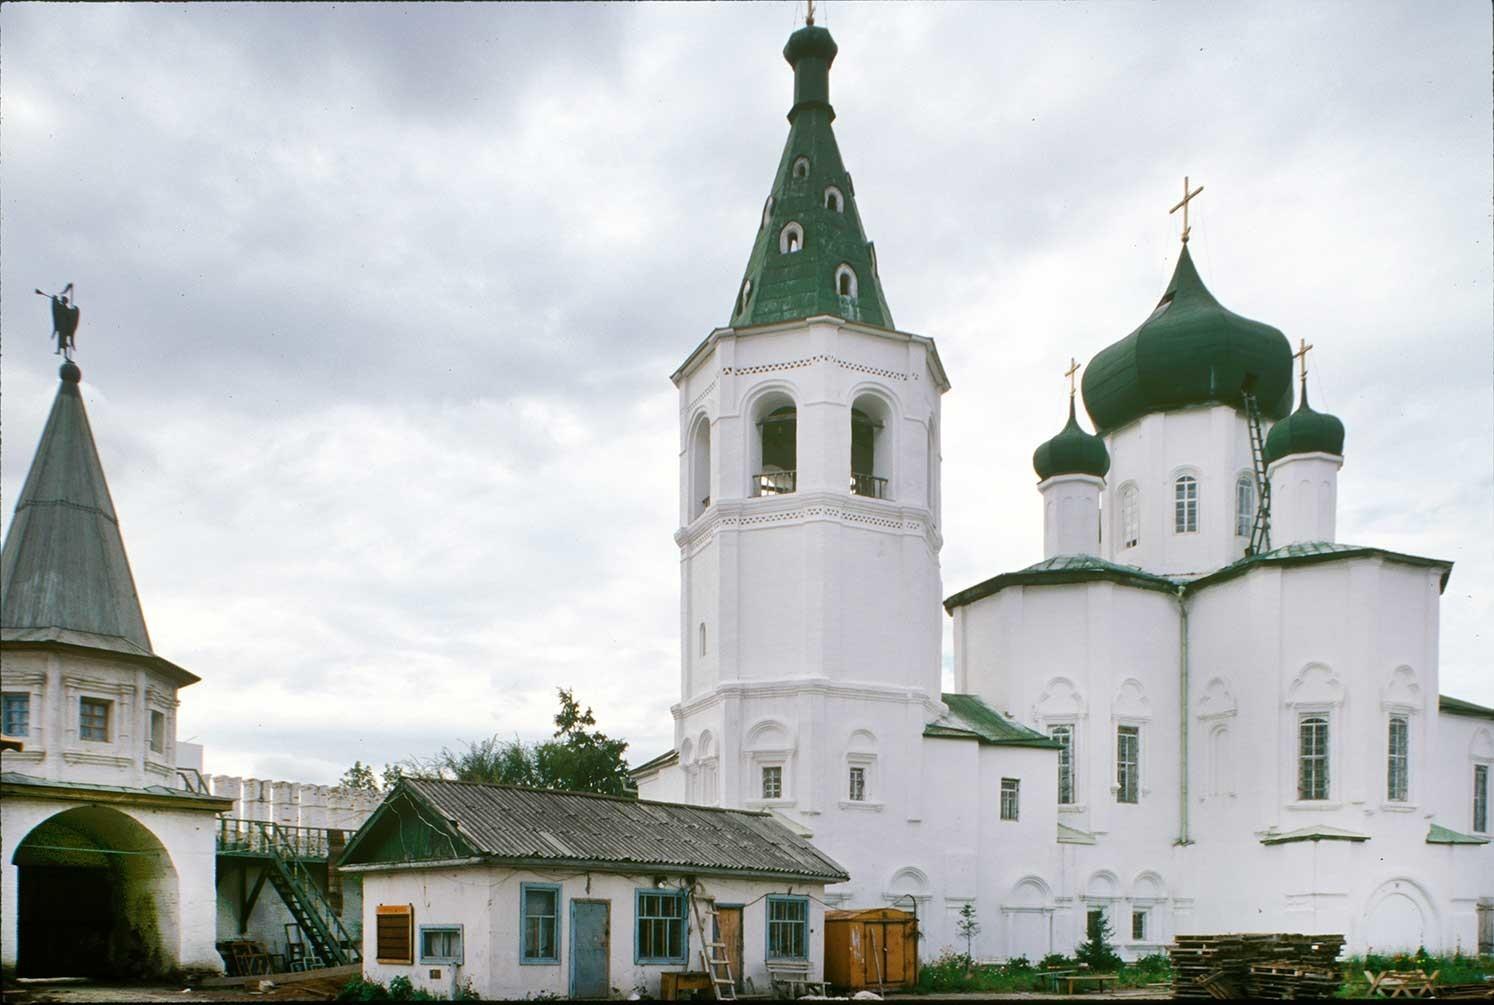 Monasterio de la Trinidad. Puerta sur, campanario, Iglesia de San Pedro y Pablo. Vista noreste. 29 de agosto de 1999.